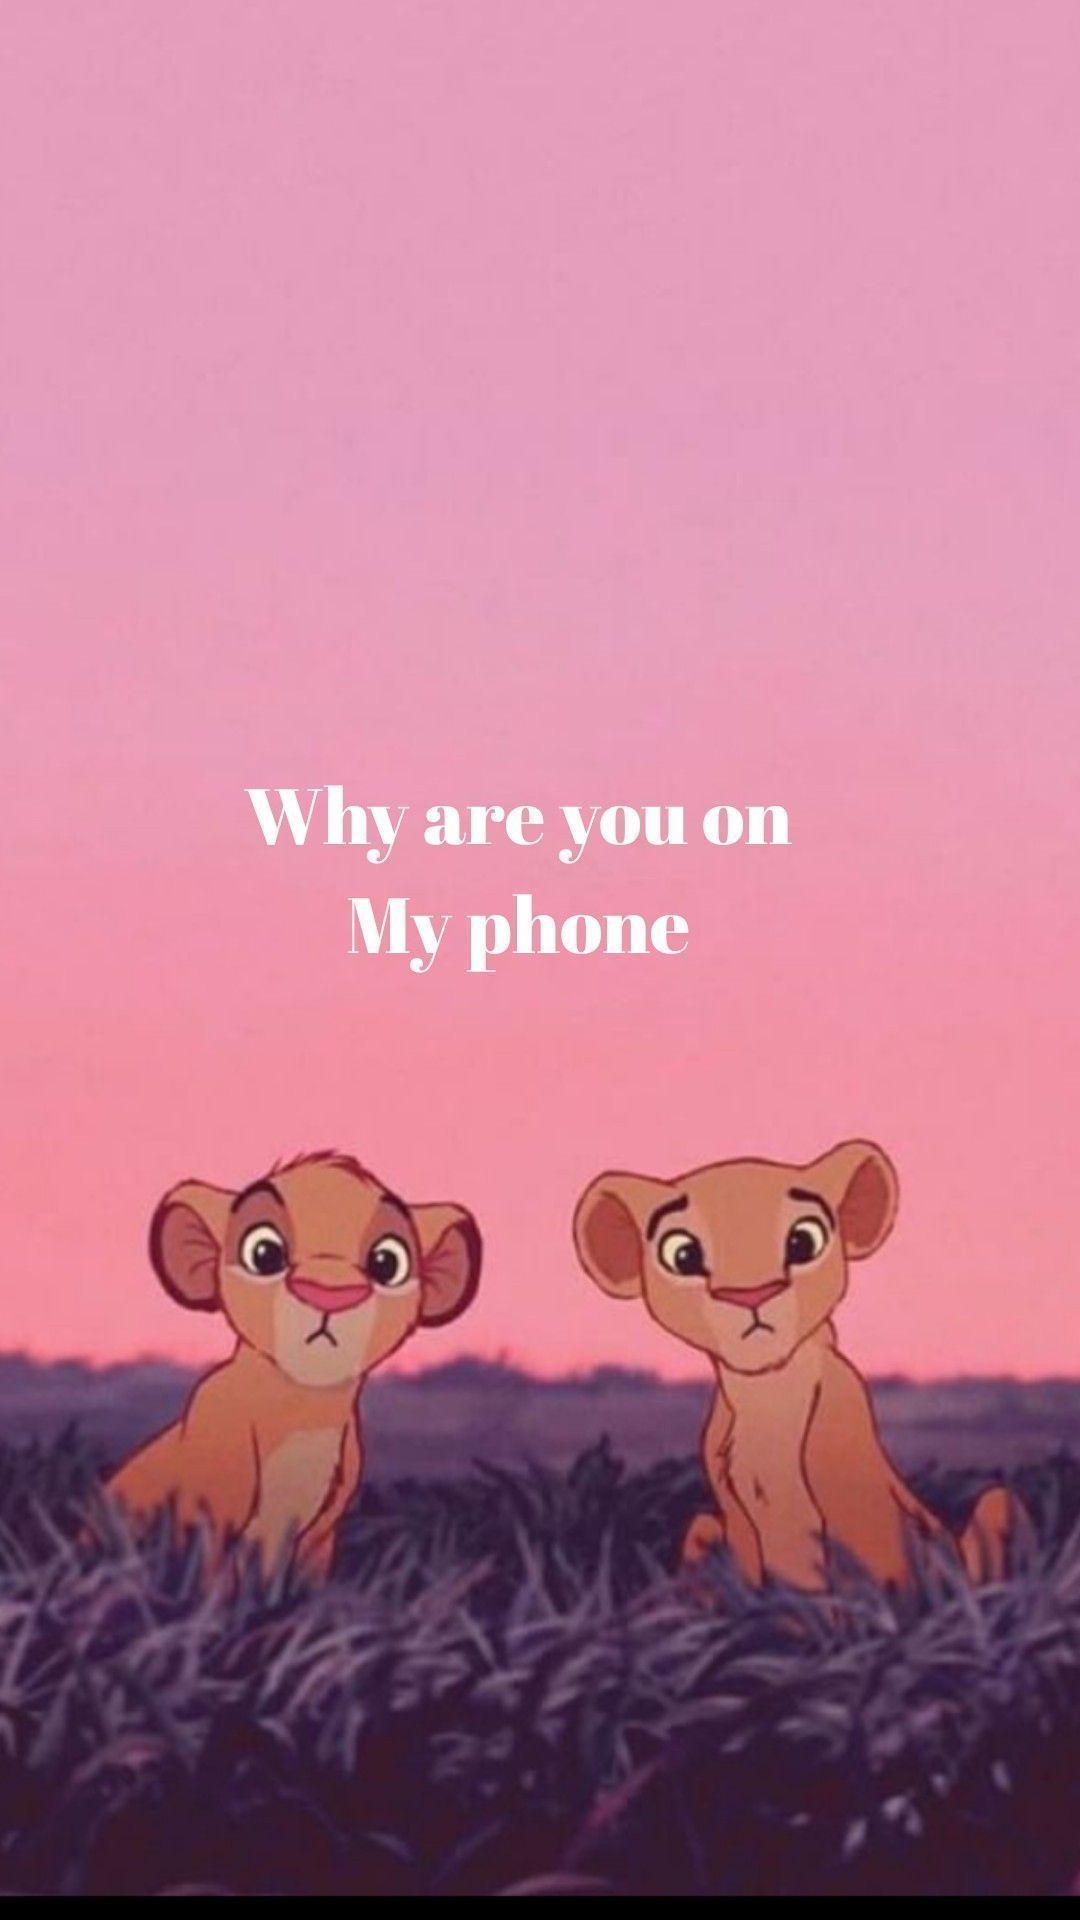 Meme Android Iphone Desktop Hd Backgrounds Wallpapers 1080p 4k 116110 Hdwallpapers Androidwallpapers Iphon Words Wallpaper Vine Quote Vine Memes